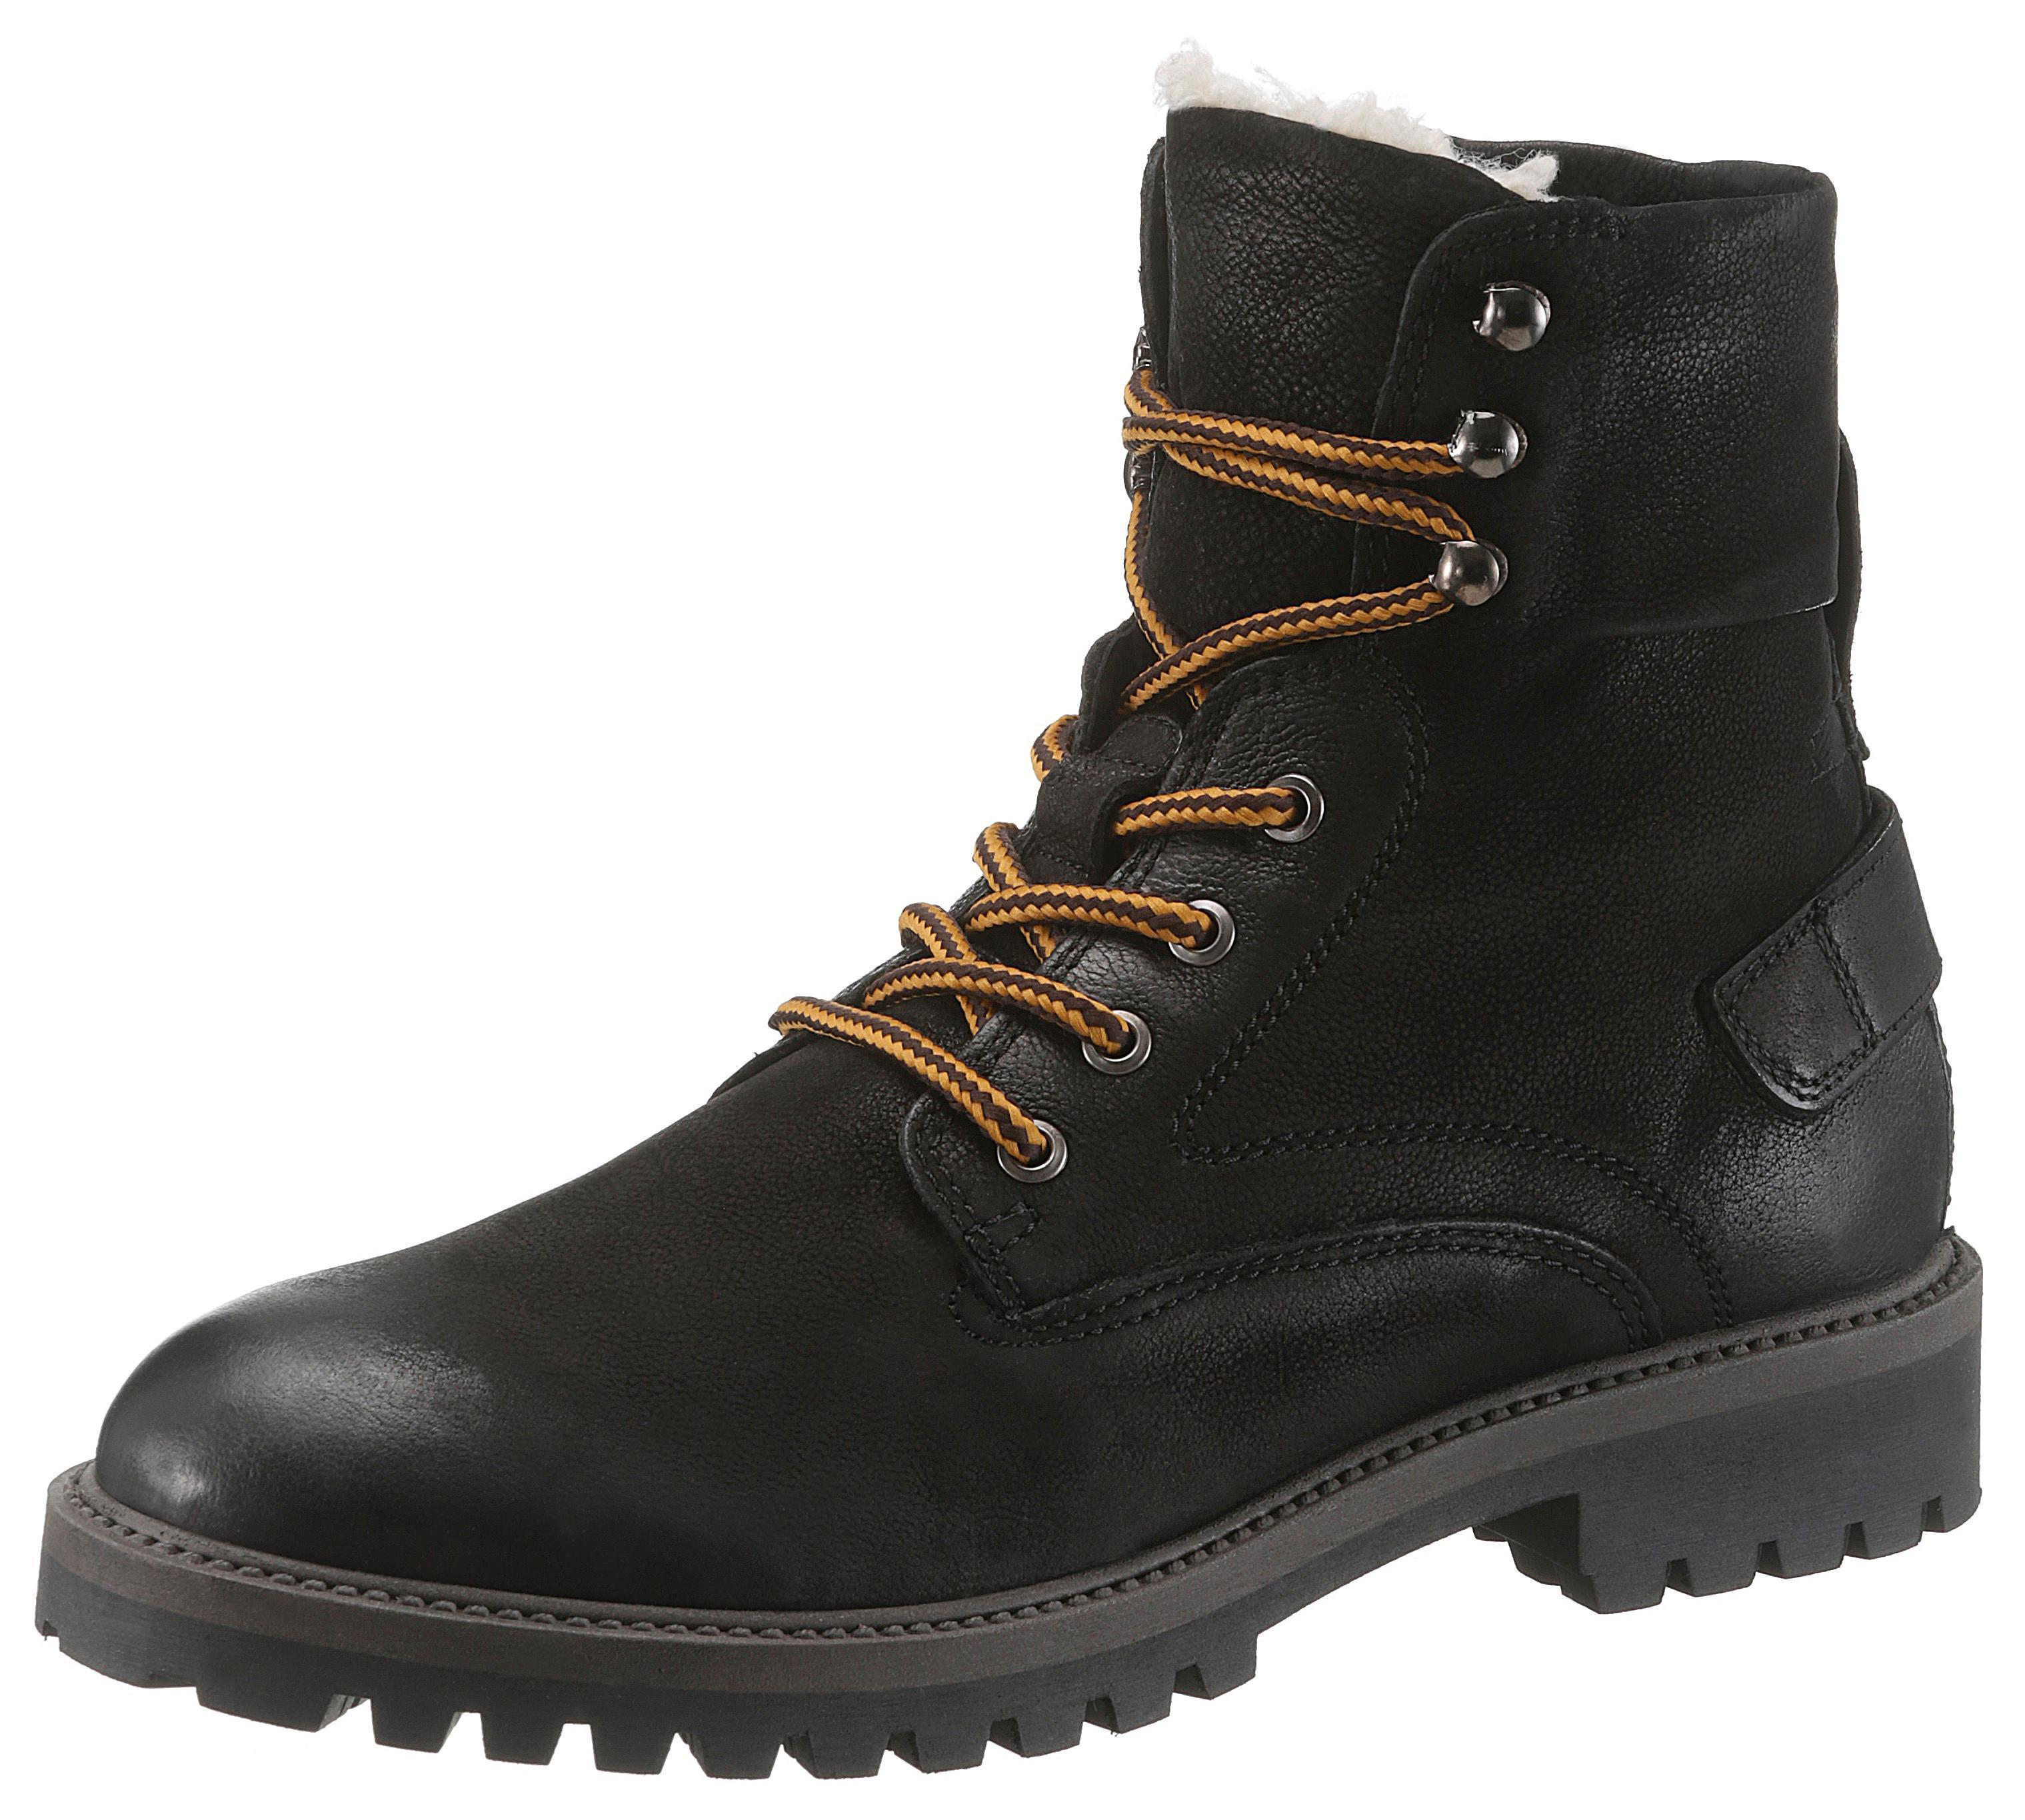 PETROLIO Schnürstiefel | Schuhe > Boots > Stiefel | Schwarz | Leder | Petrolio